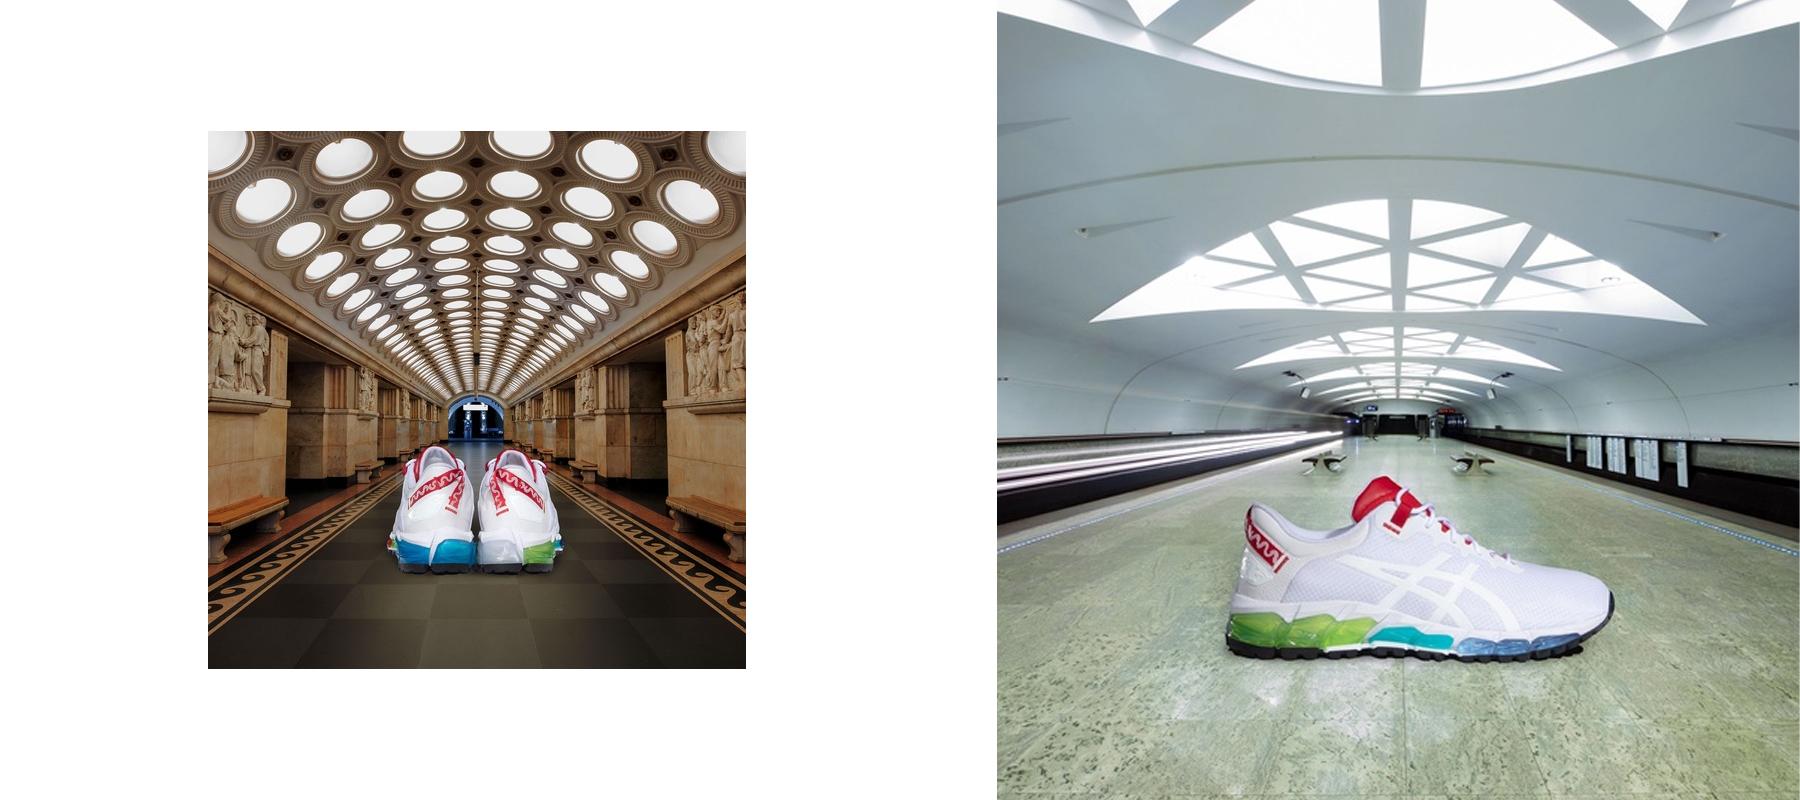 Московское метро и Asics